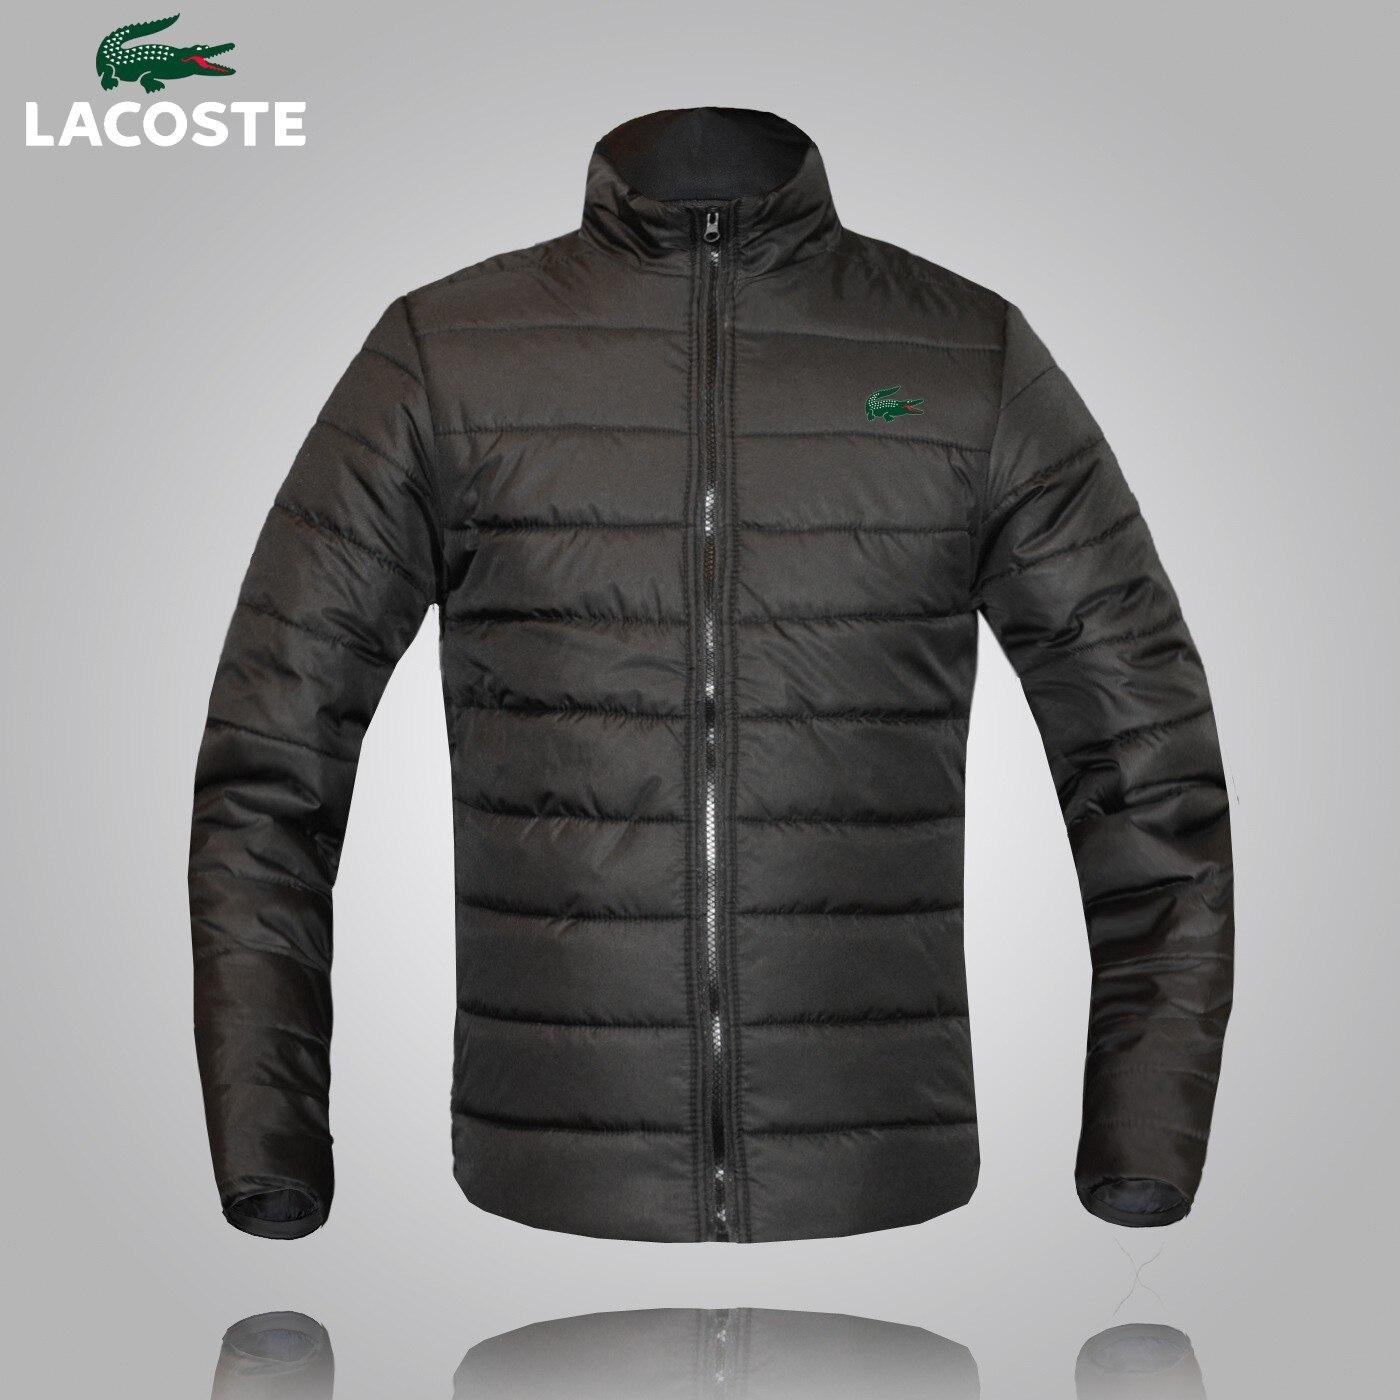 Lacoste-Мужская зимняя теплая одежда большого размера, мужская хлопковая деловая Повседневная теплая хлопковая куртка с длинным рукавом и воротником-стойкой на молнии